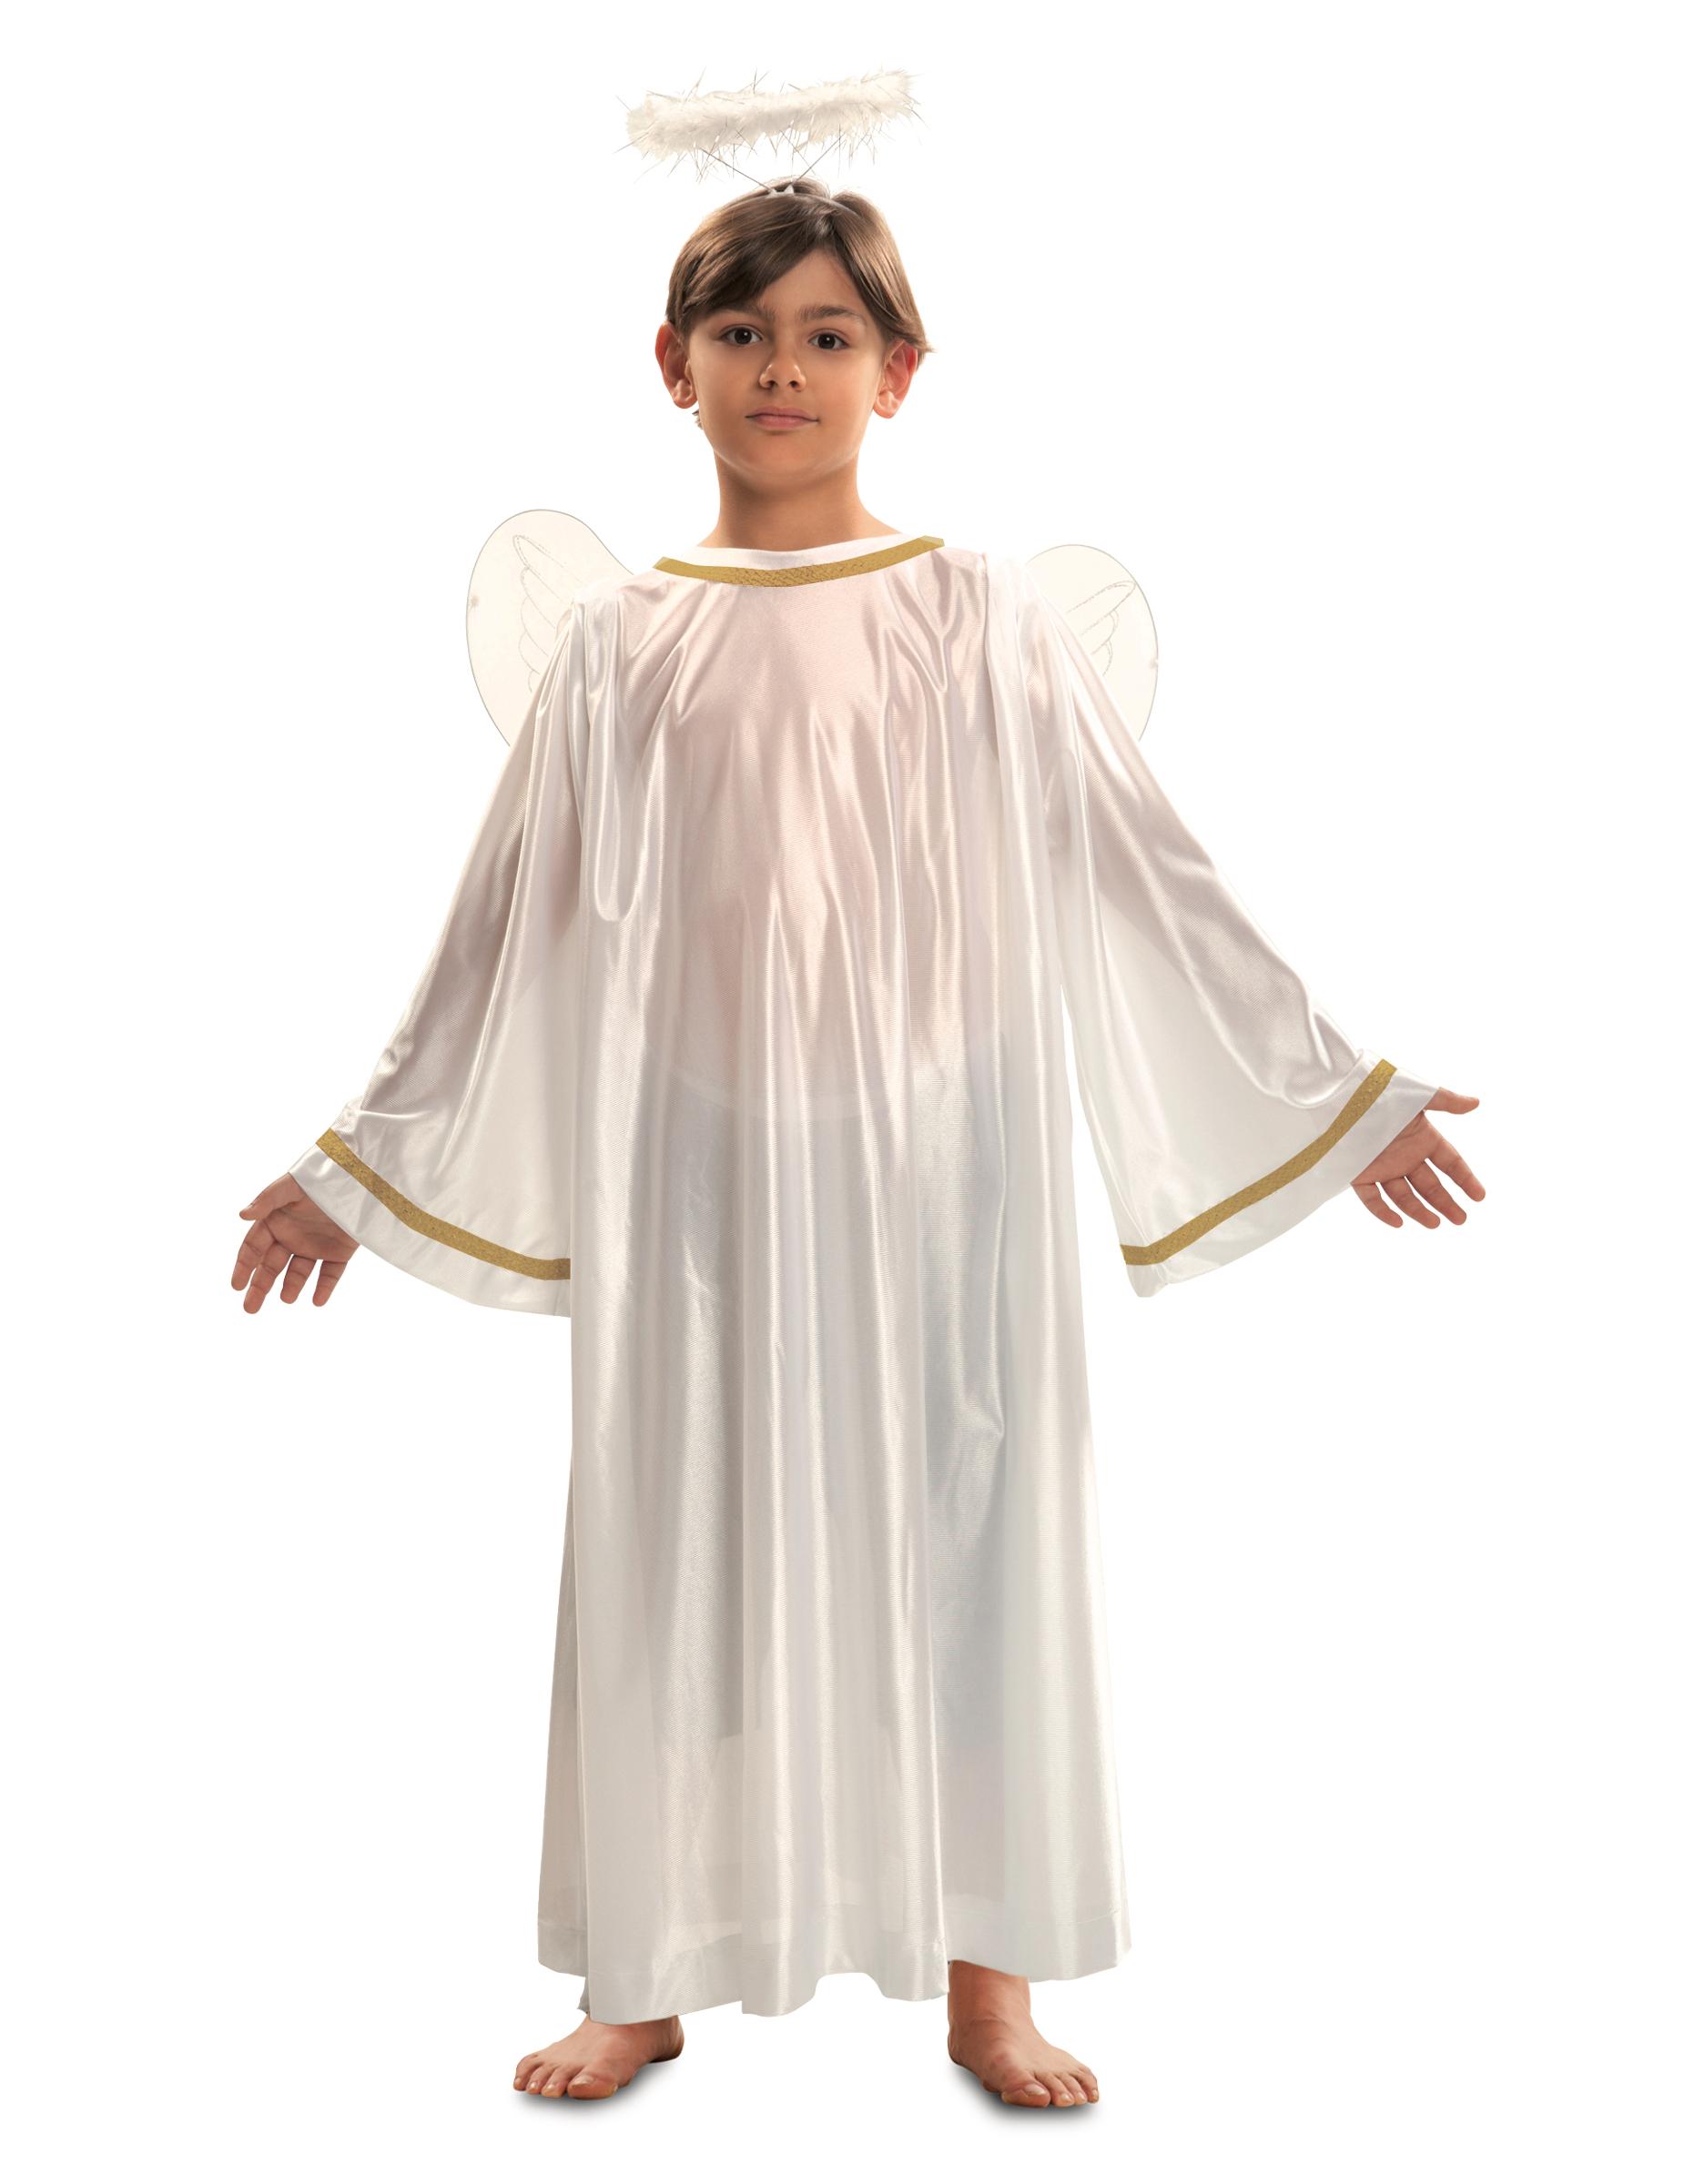 Engel Kostum Fur Kinder Krippenspiel Kostum Weiss Goldfarben